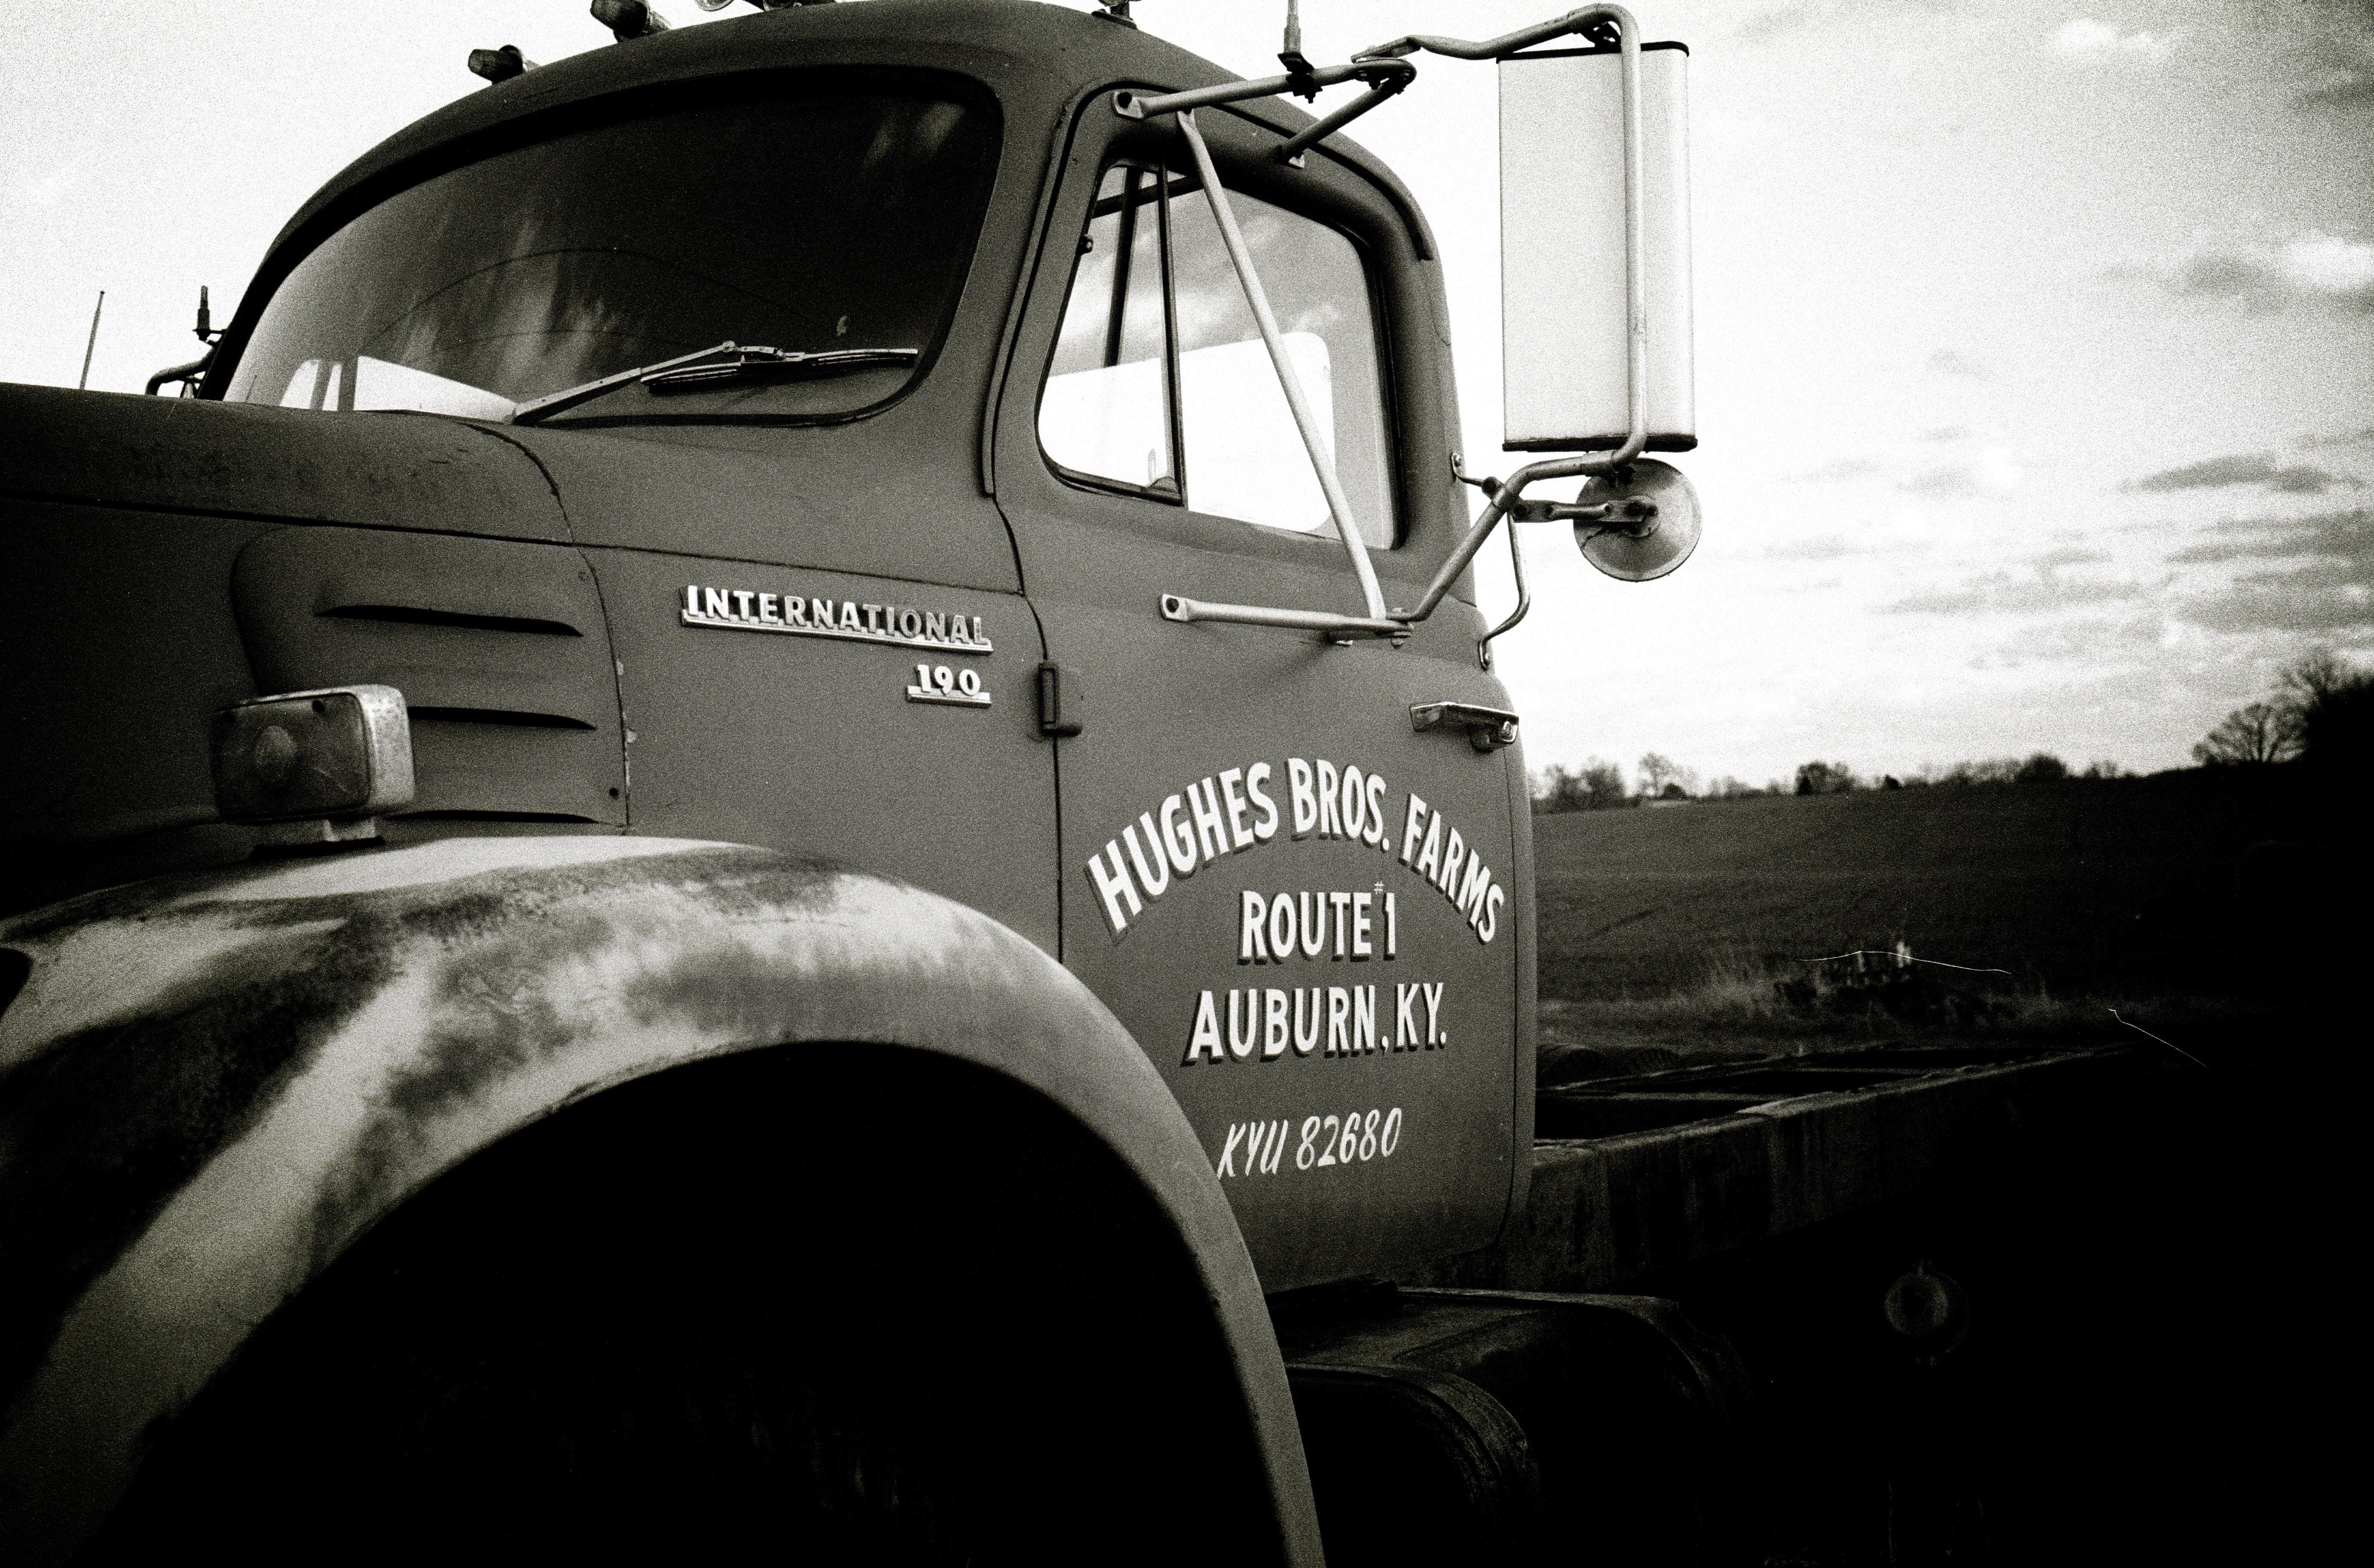 Truck Hwy 41a